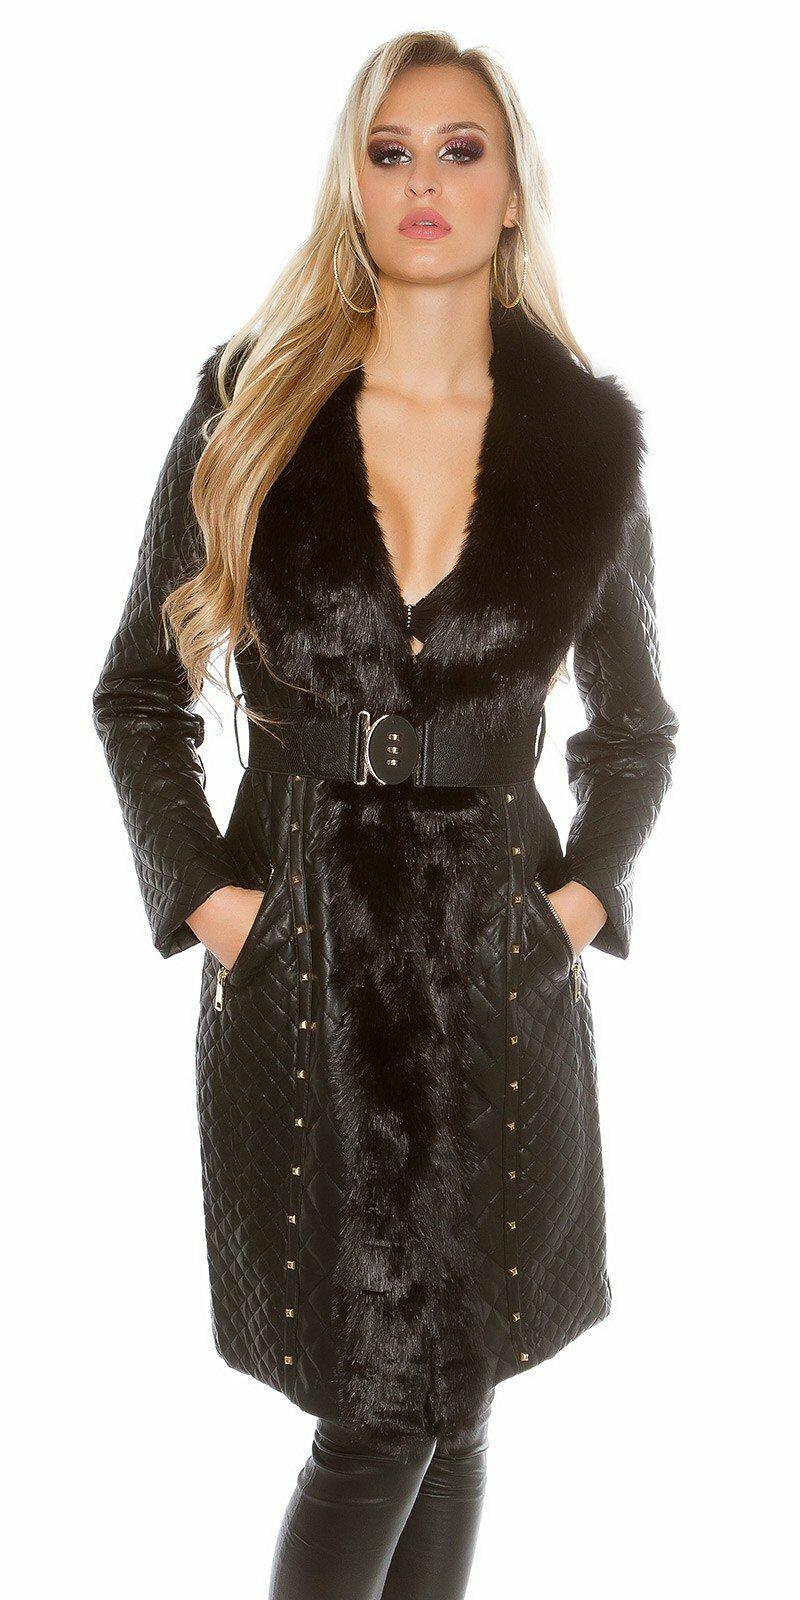 Dámsky čierny kabát koženého vzhľadu s umelou kožušinou a opaskom ... 1cd2e457091